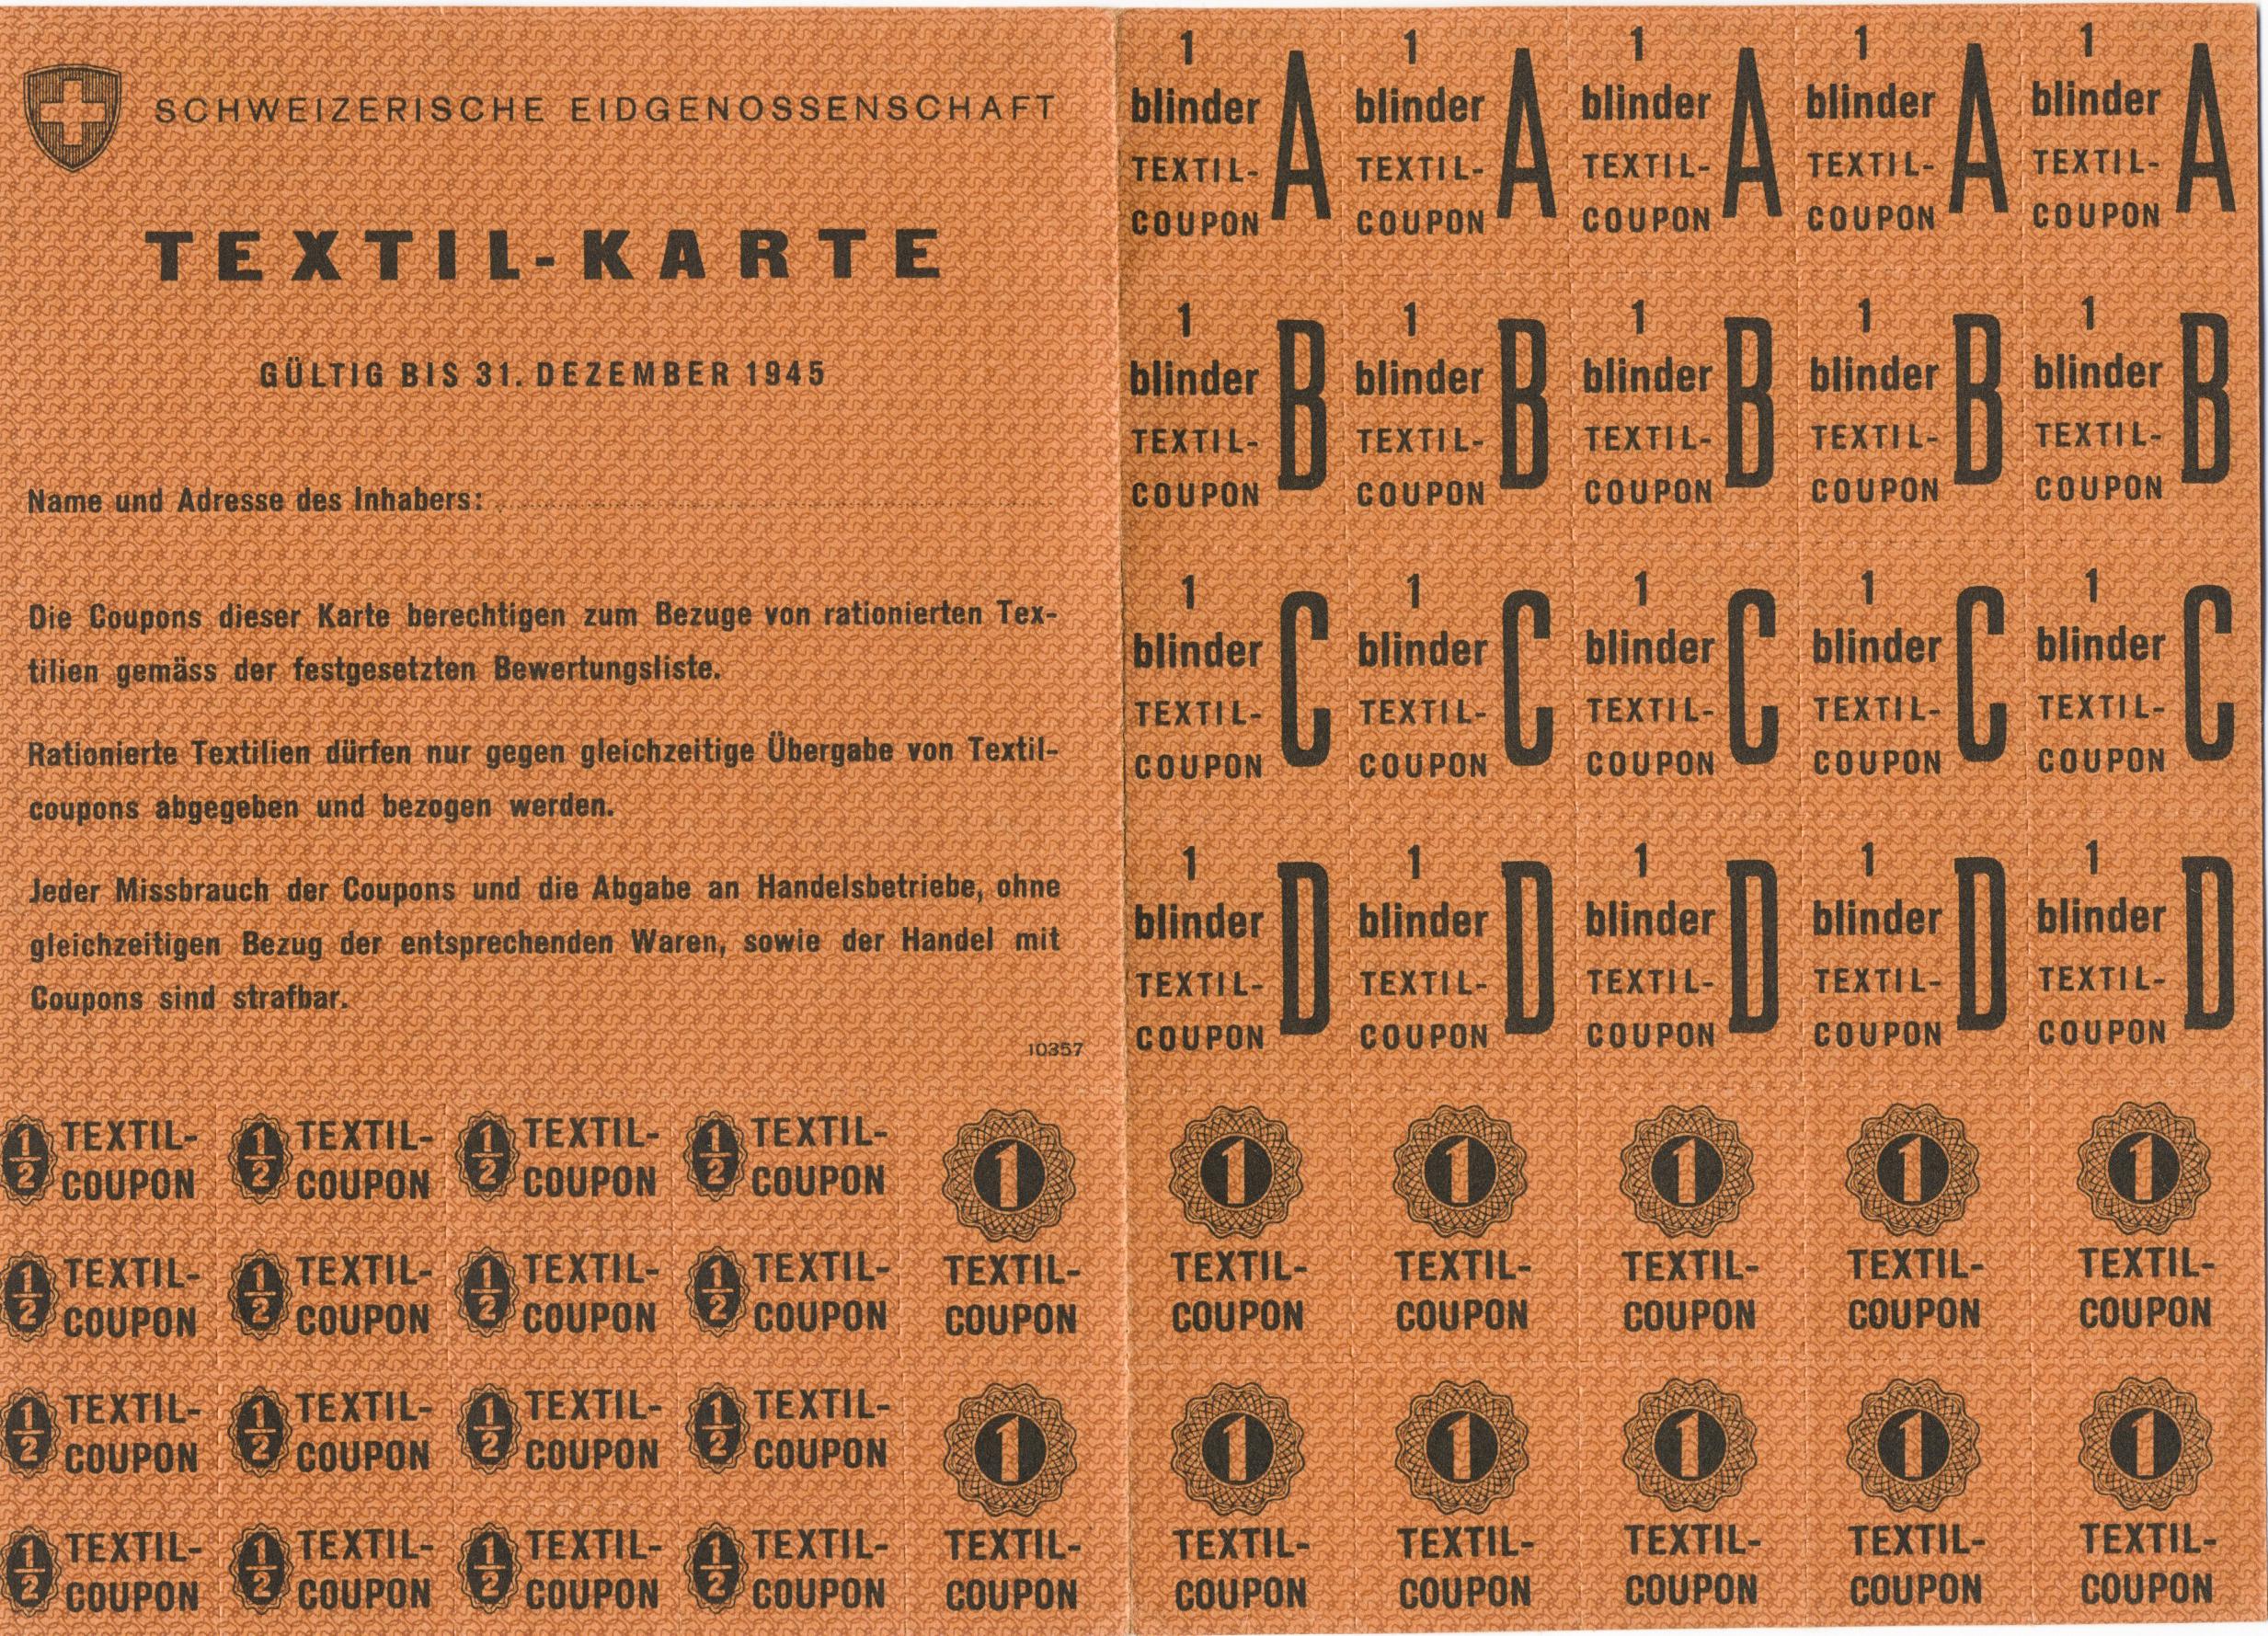 Rationierungsmarken aus dem 2. Weltkrieg